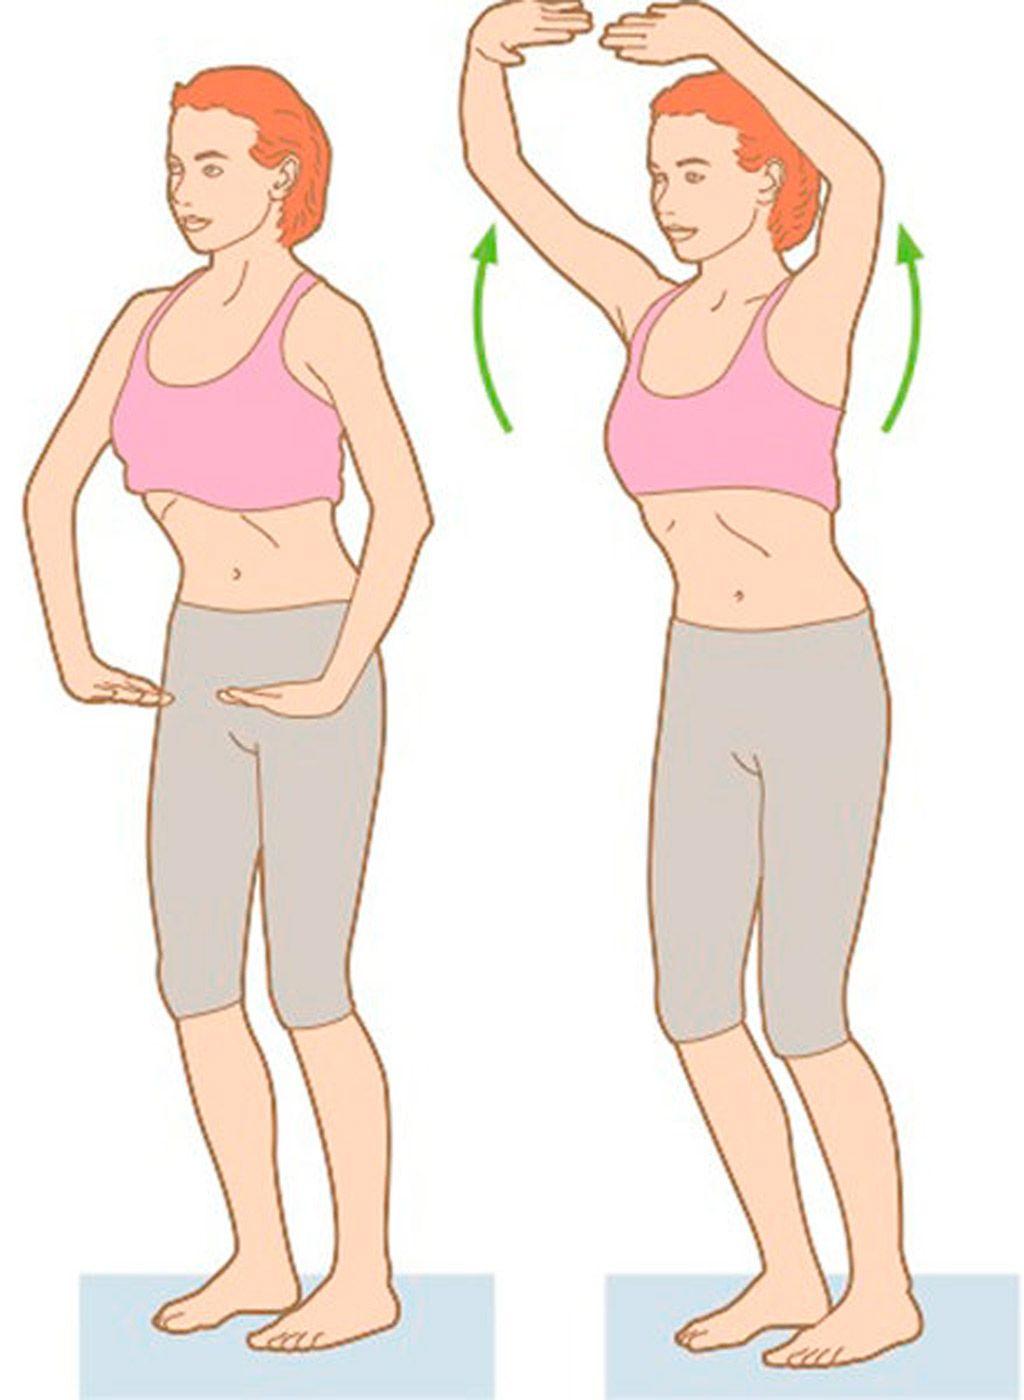 Ejercicios para abdomen despues del embarazo